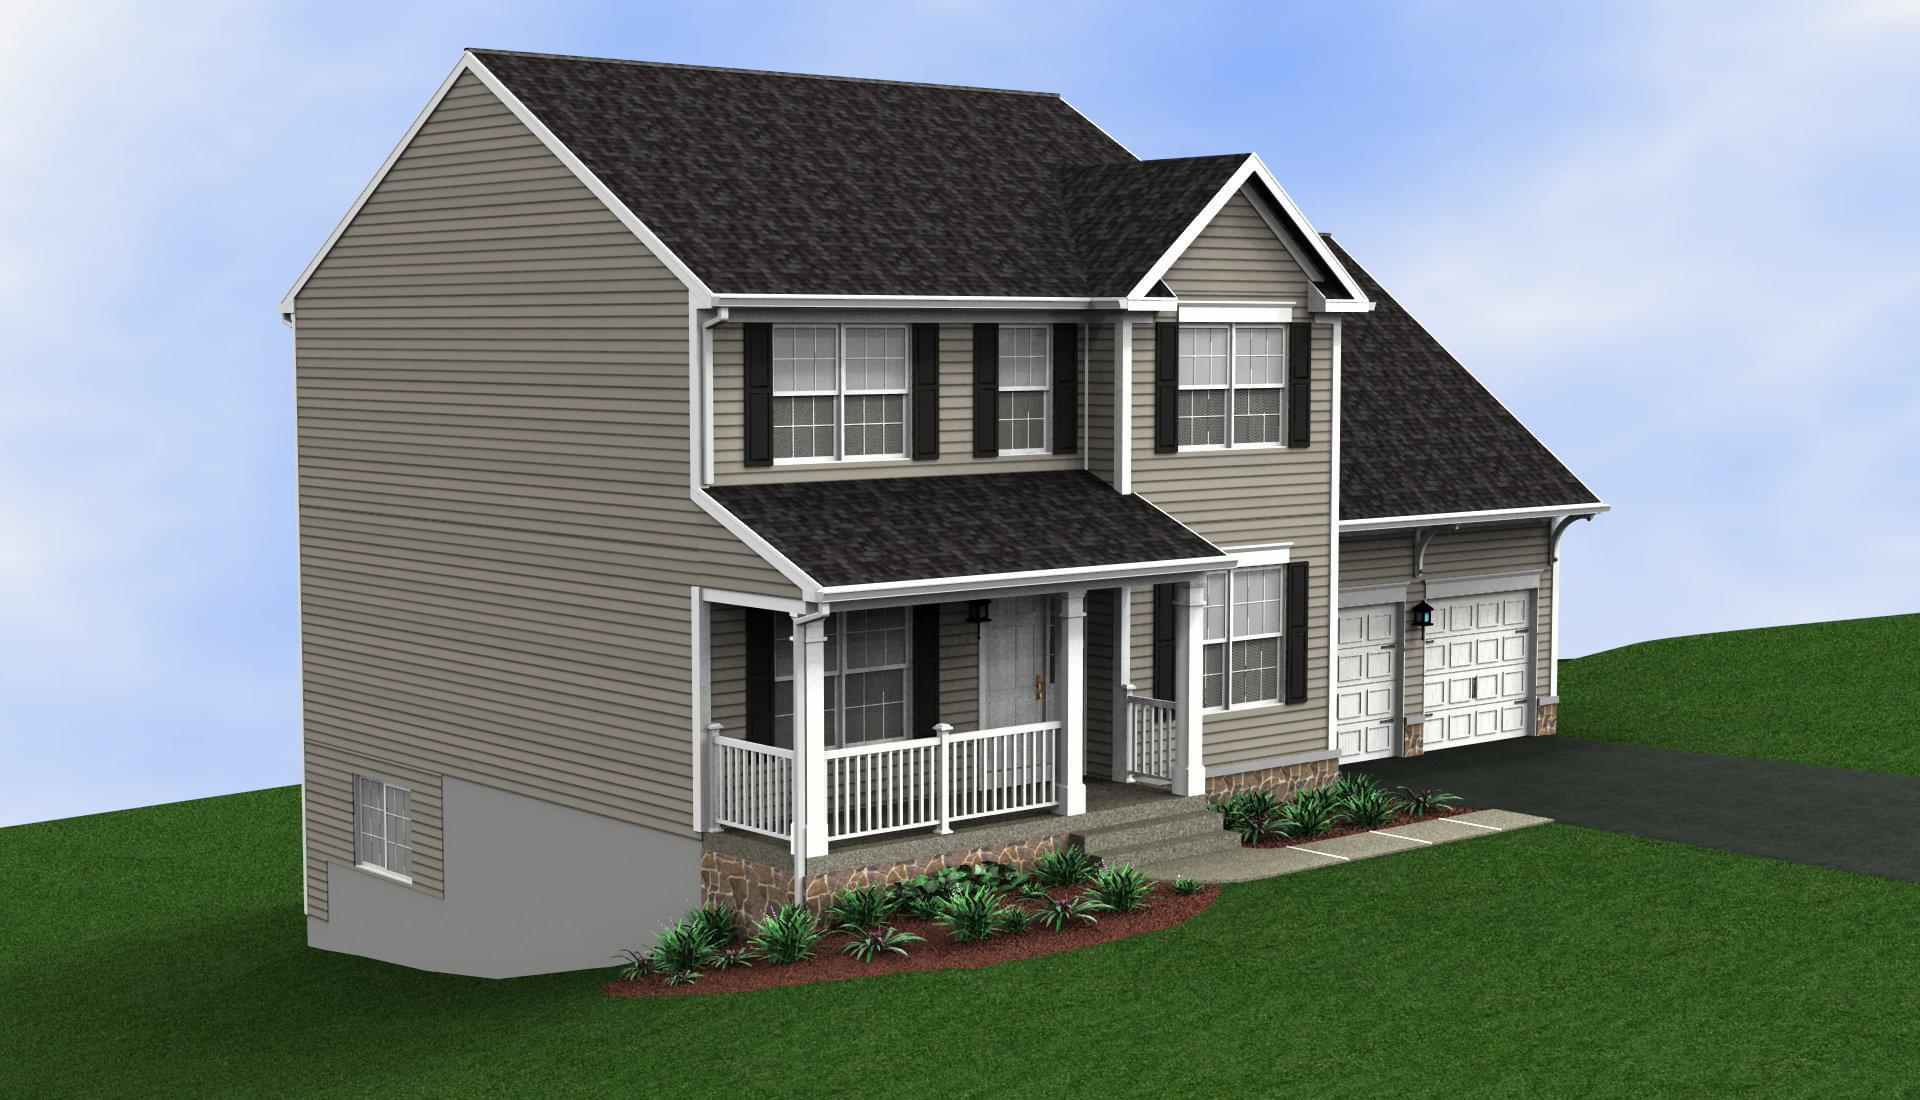 Berks Homes Smart Build - SB Completion